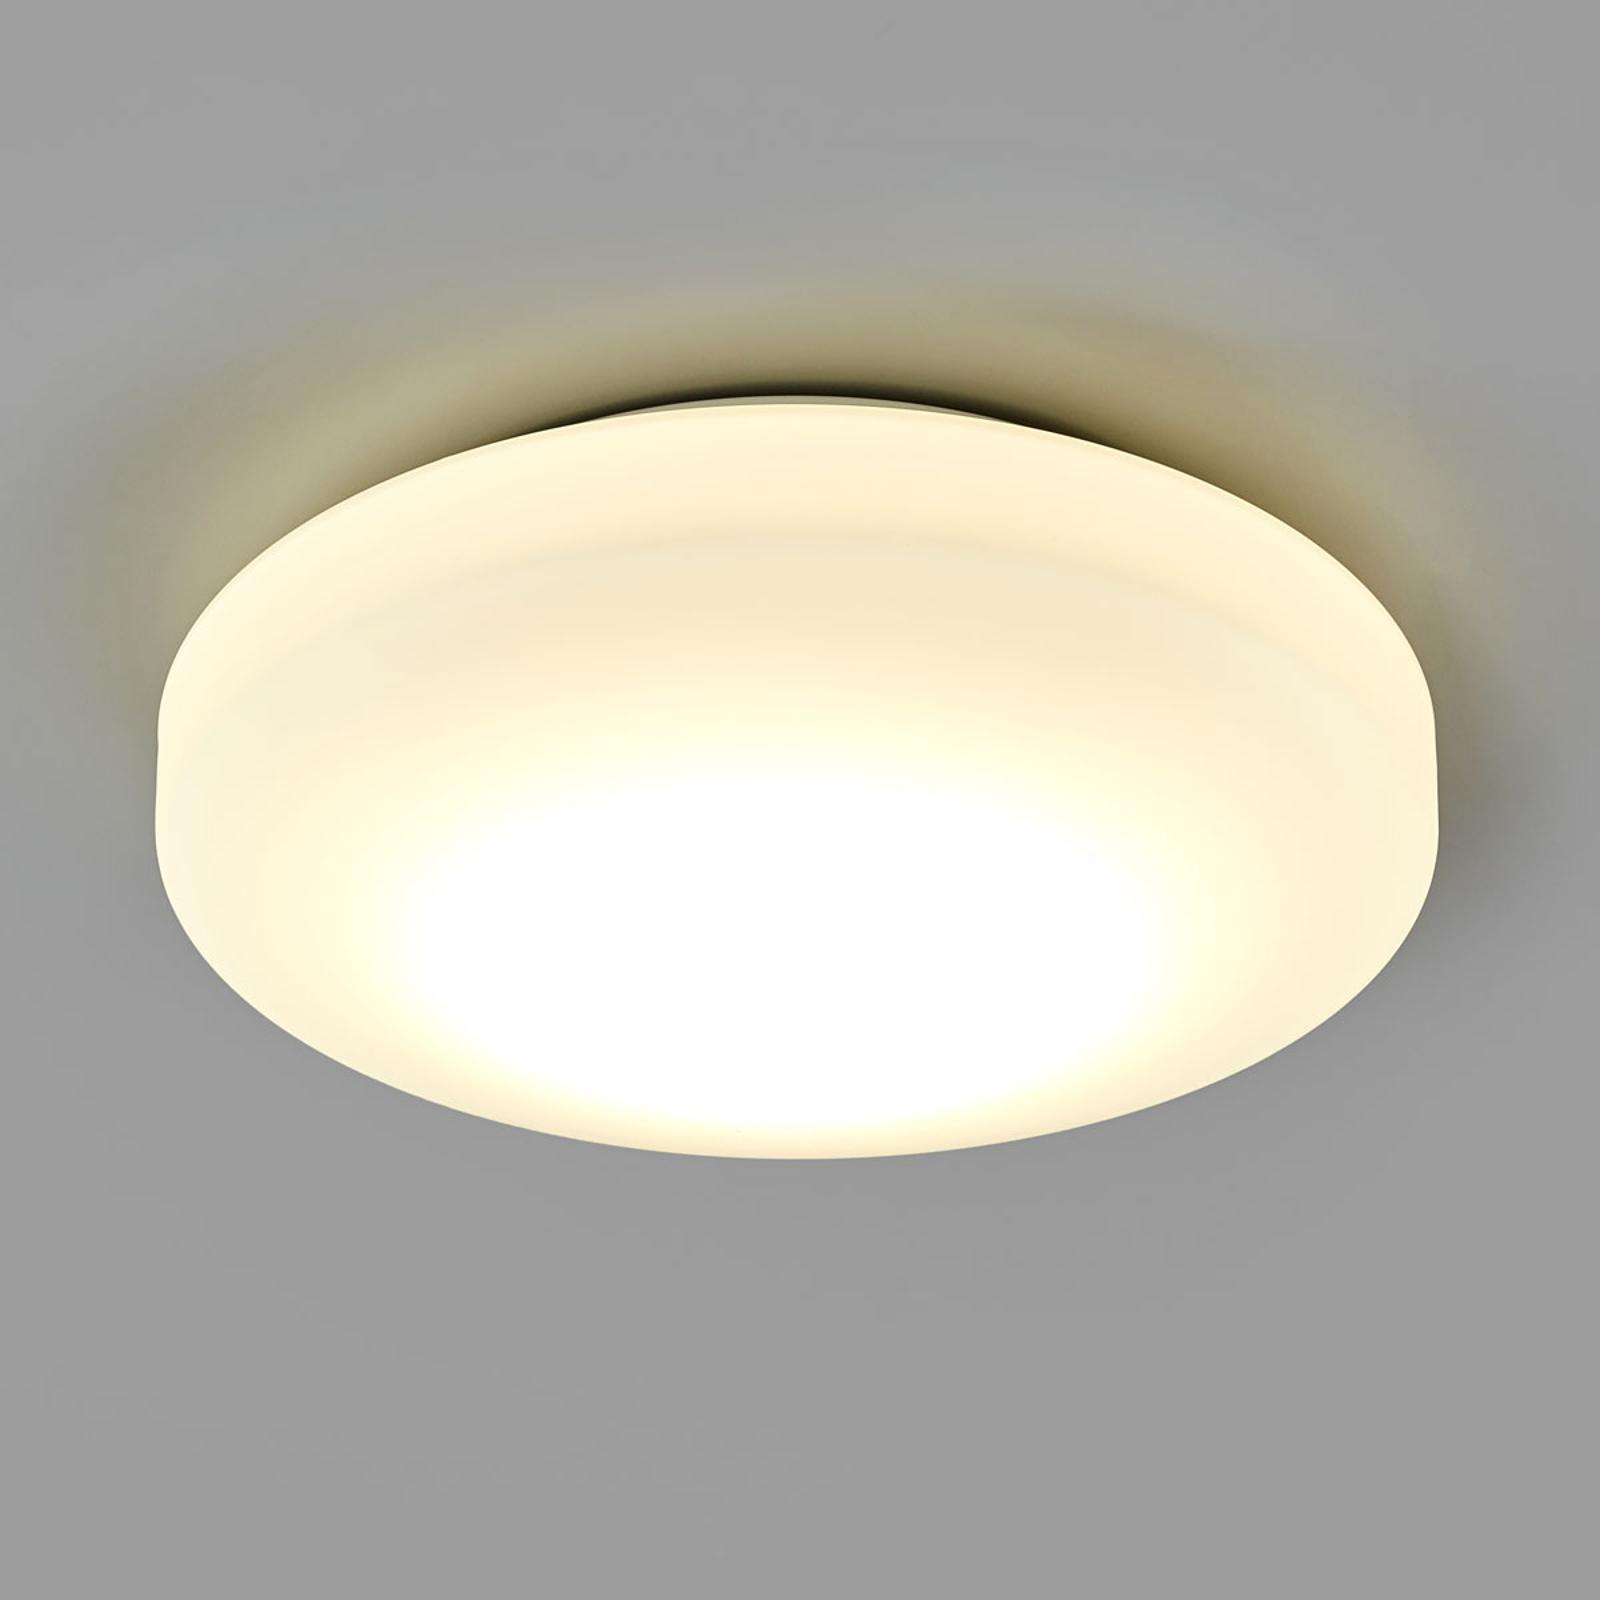 Plafón para baño LED Malte en vidrio opalino